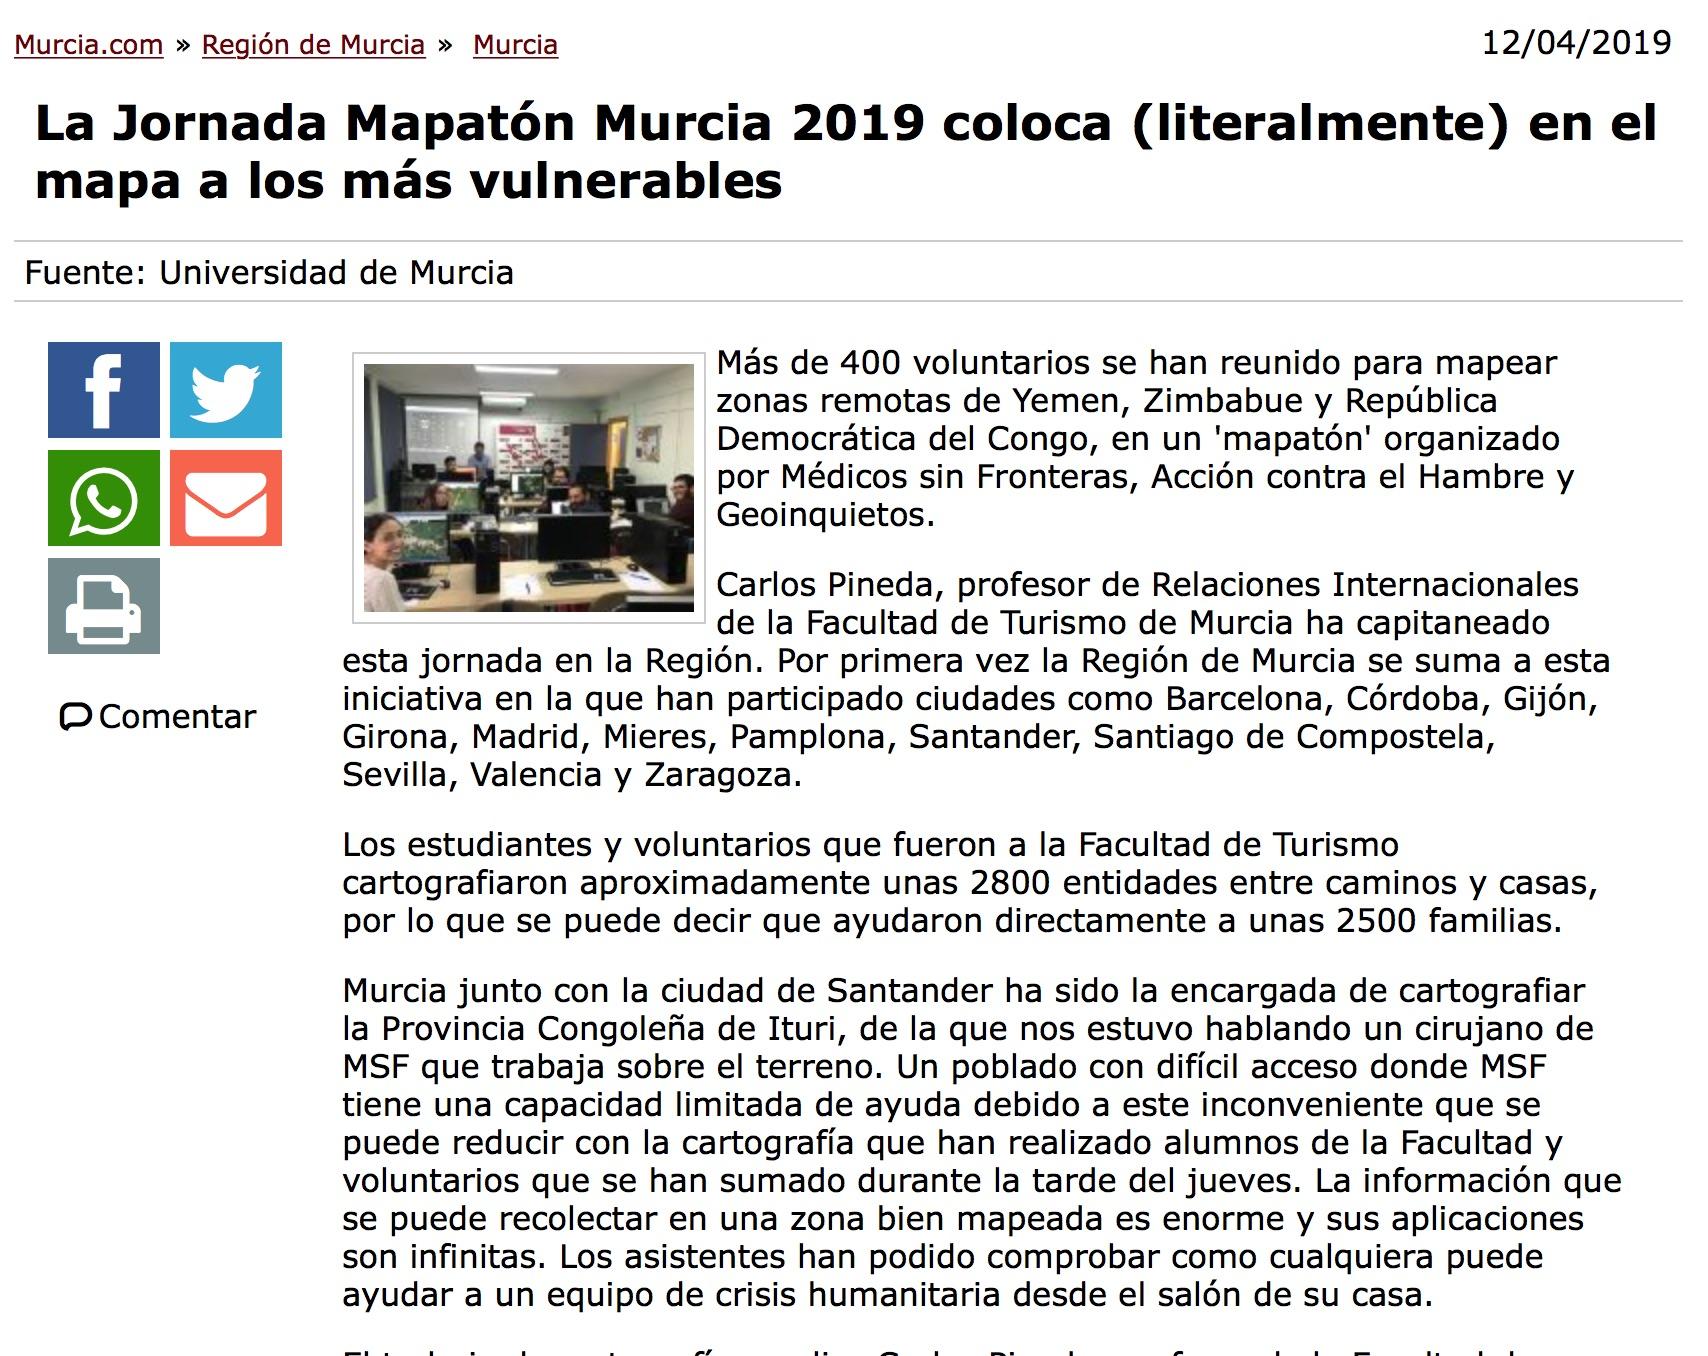 La Jornada Mapatón Murcia 2019 coloca (literalmente) en el mapa a los más vulnerables 12/04/2019